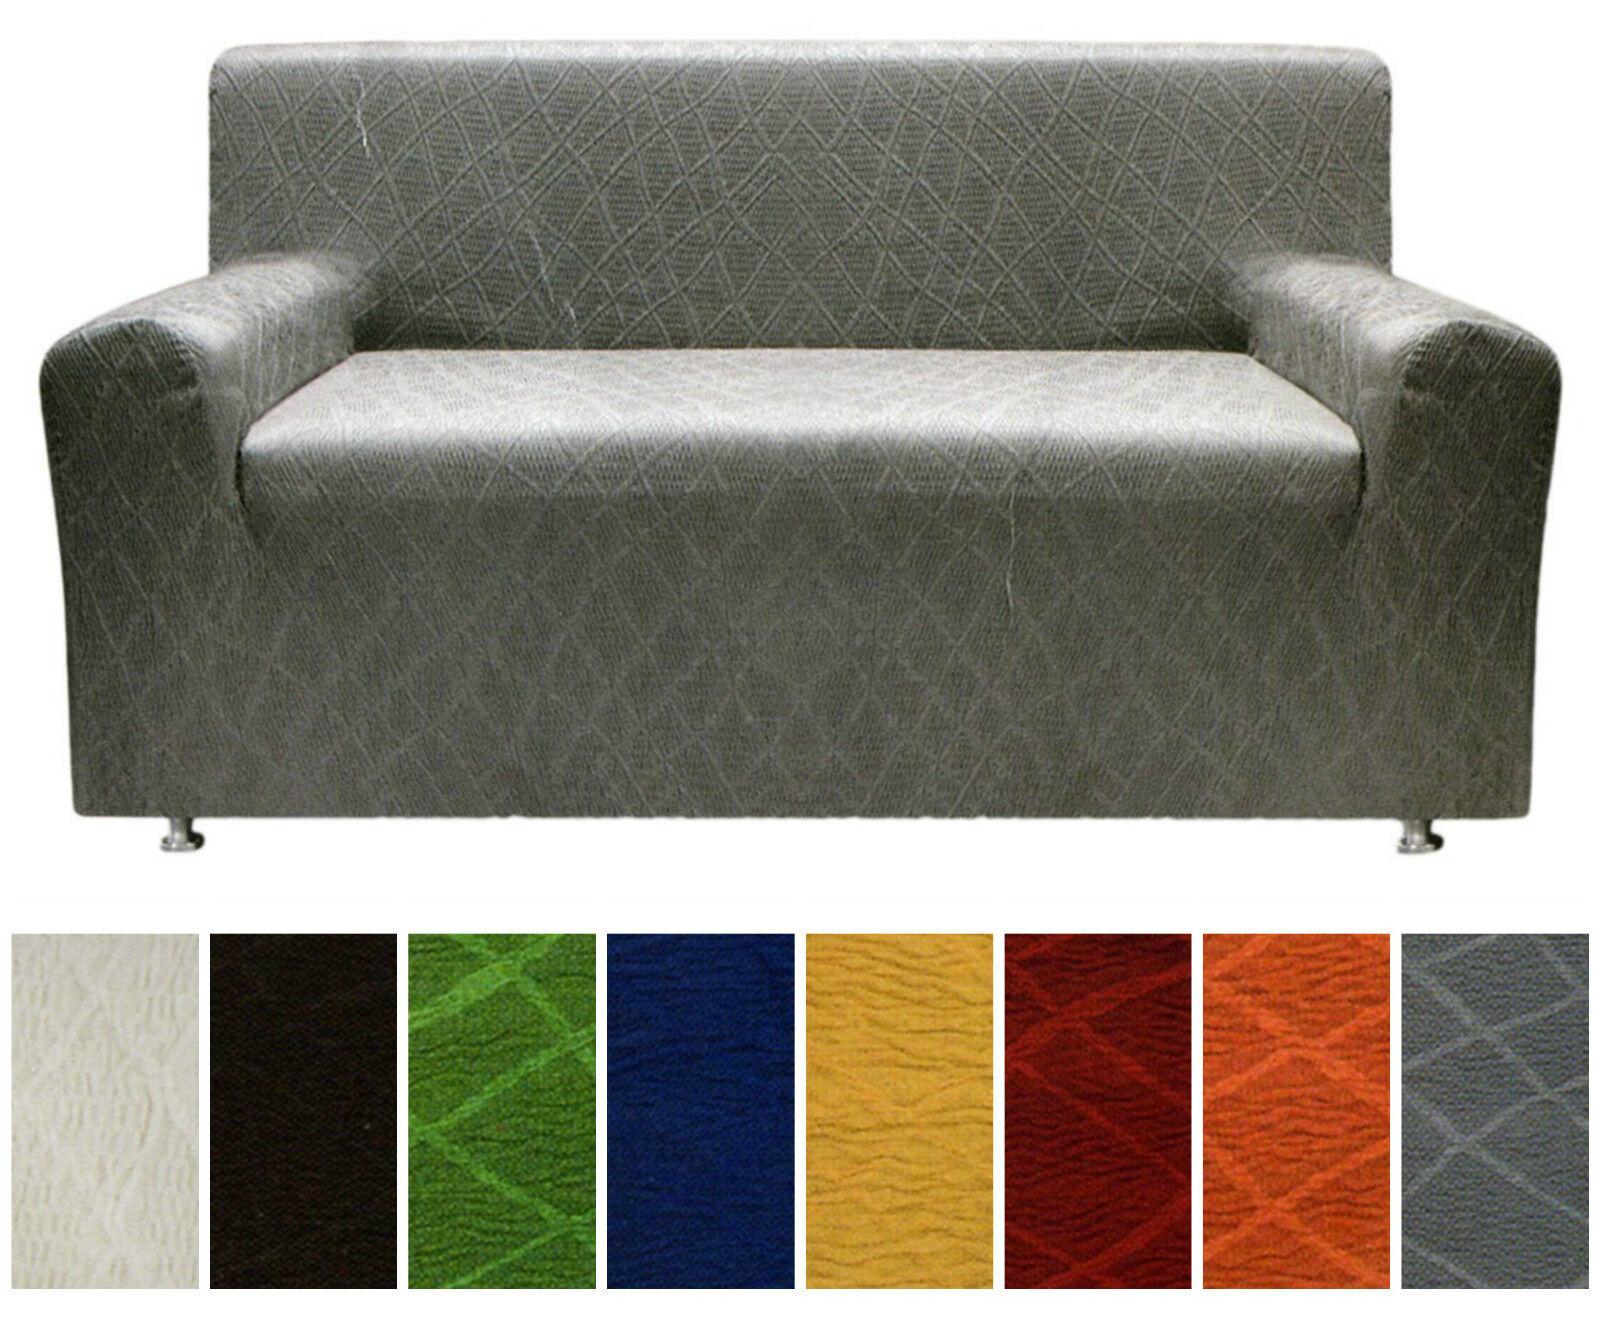 Copri divani caleffi idee per il design della casa - Copridivano elasticizzato ikea ...